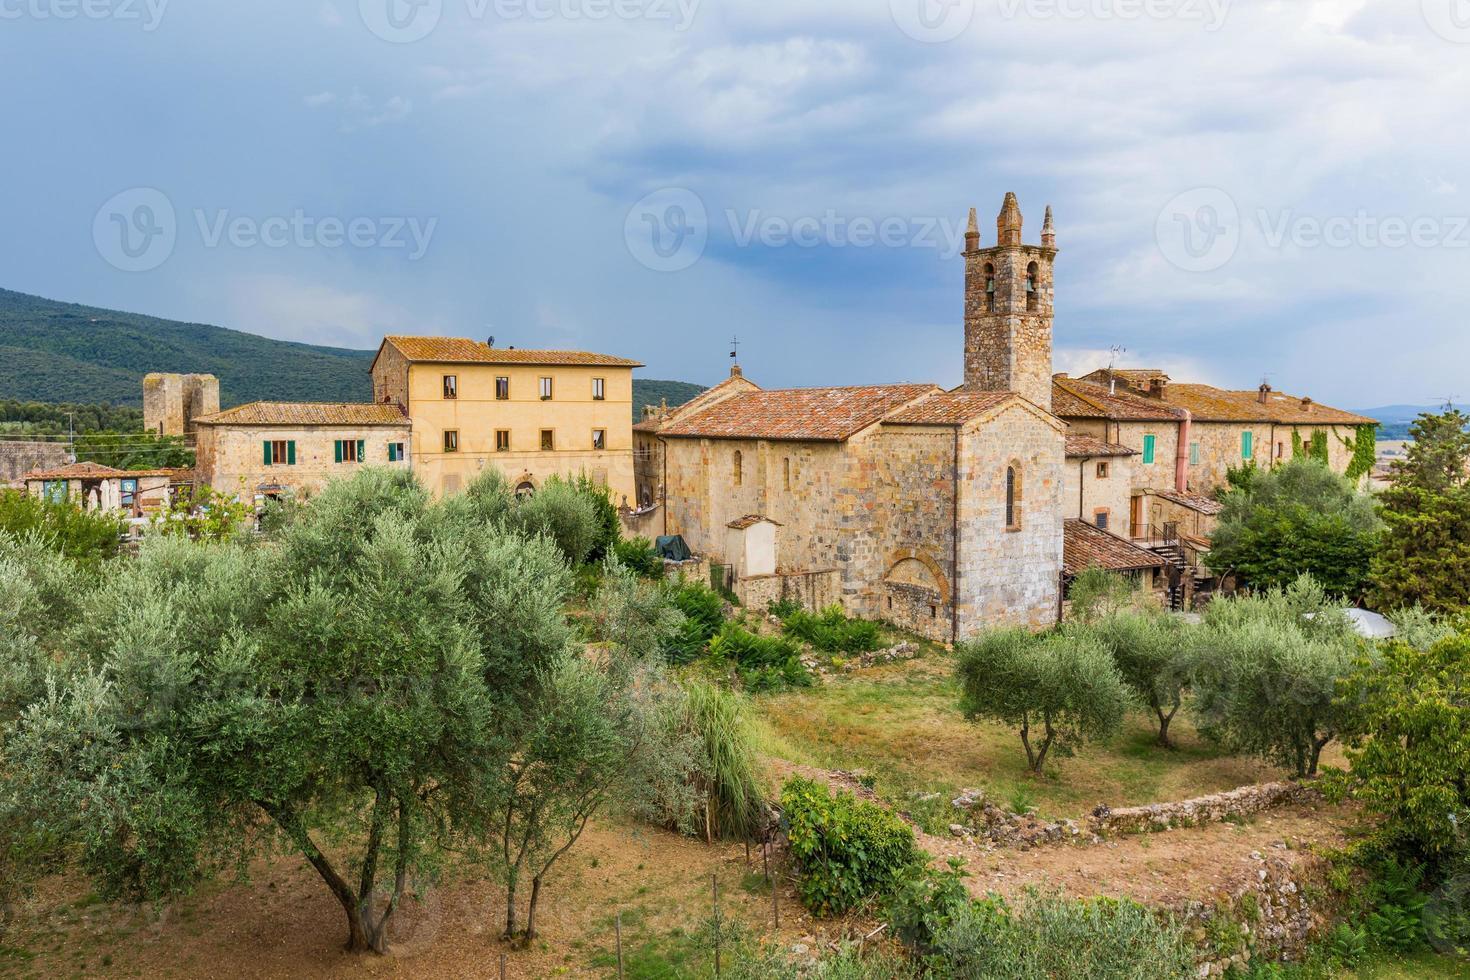 mittelalterliche Stadt in der Toskana, Italien foto